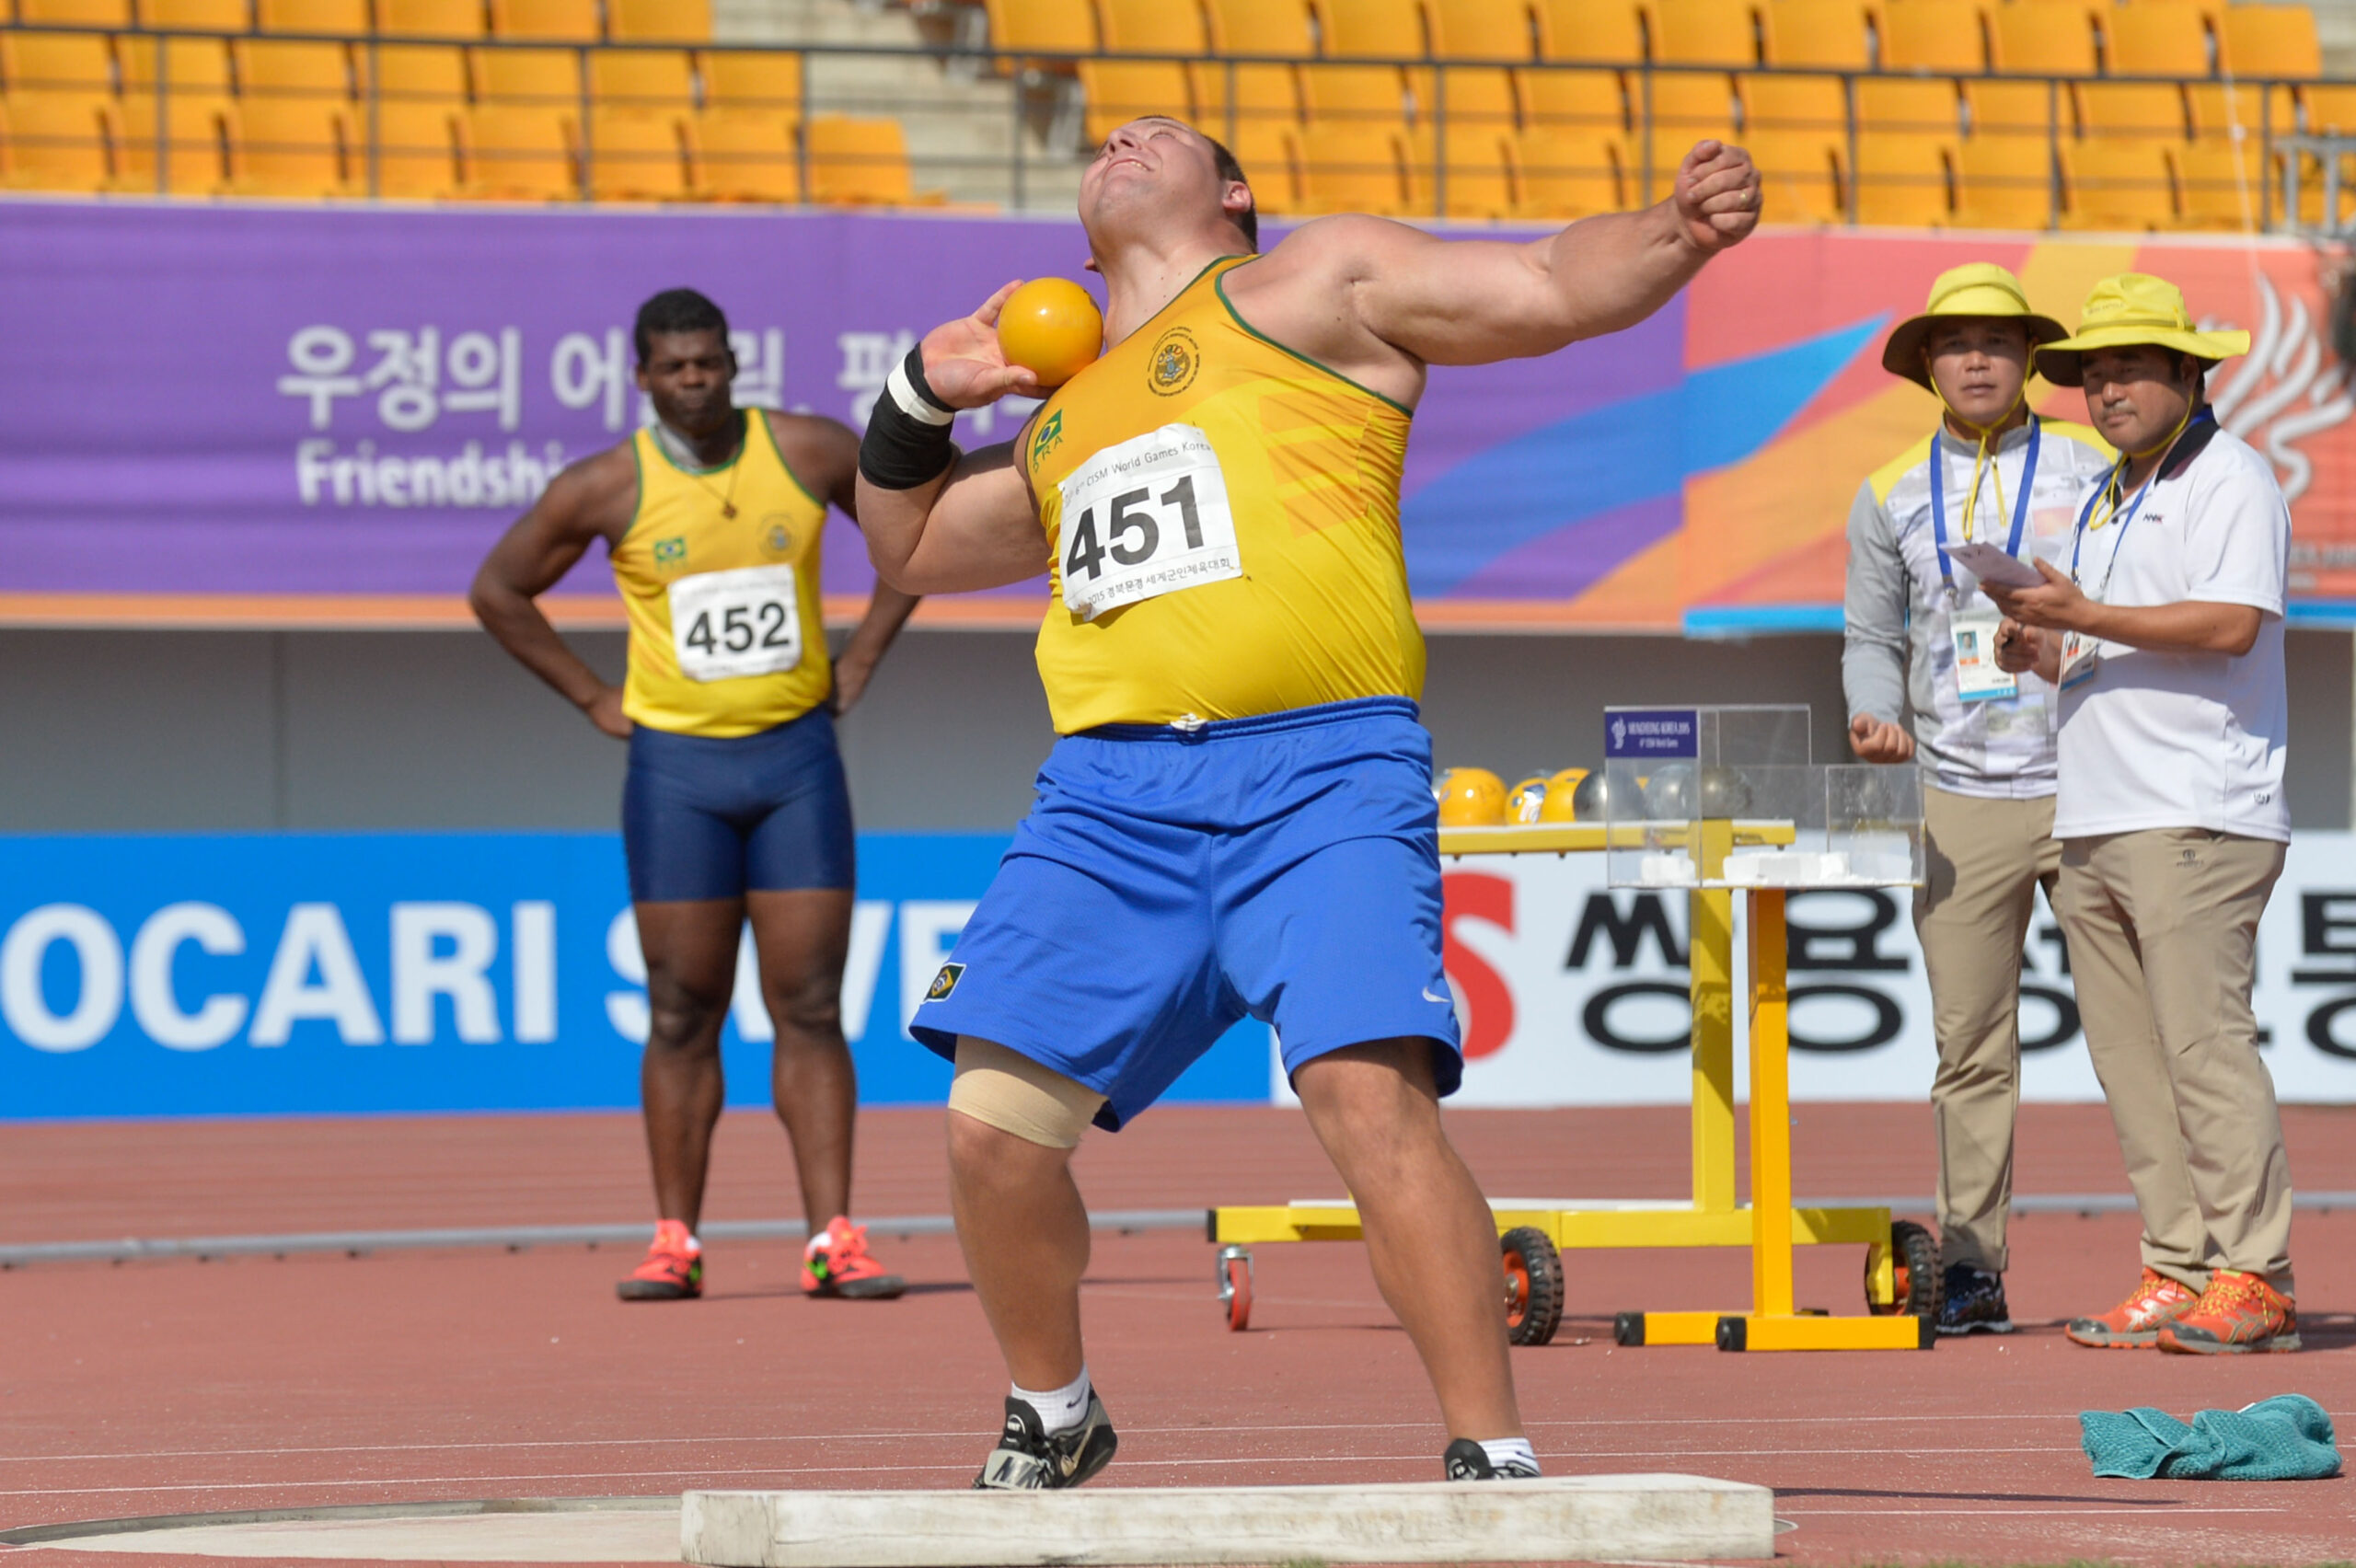 homem de uniforme azul e amarelo se preparando para arremessar peso